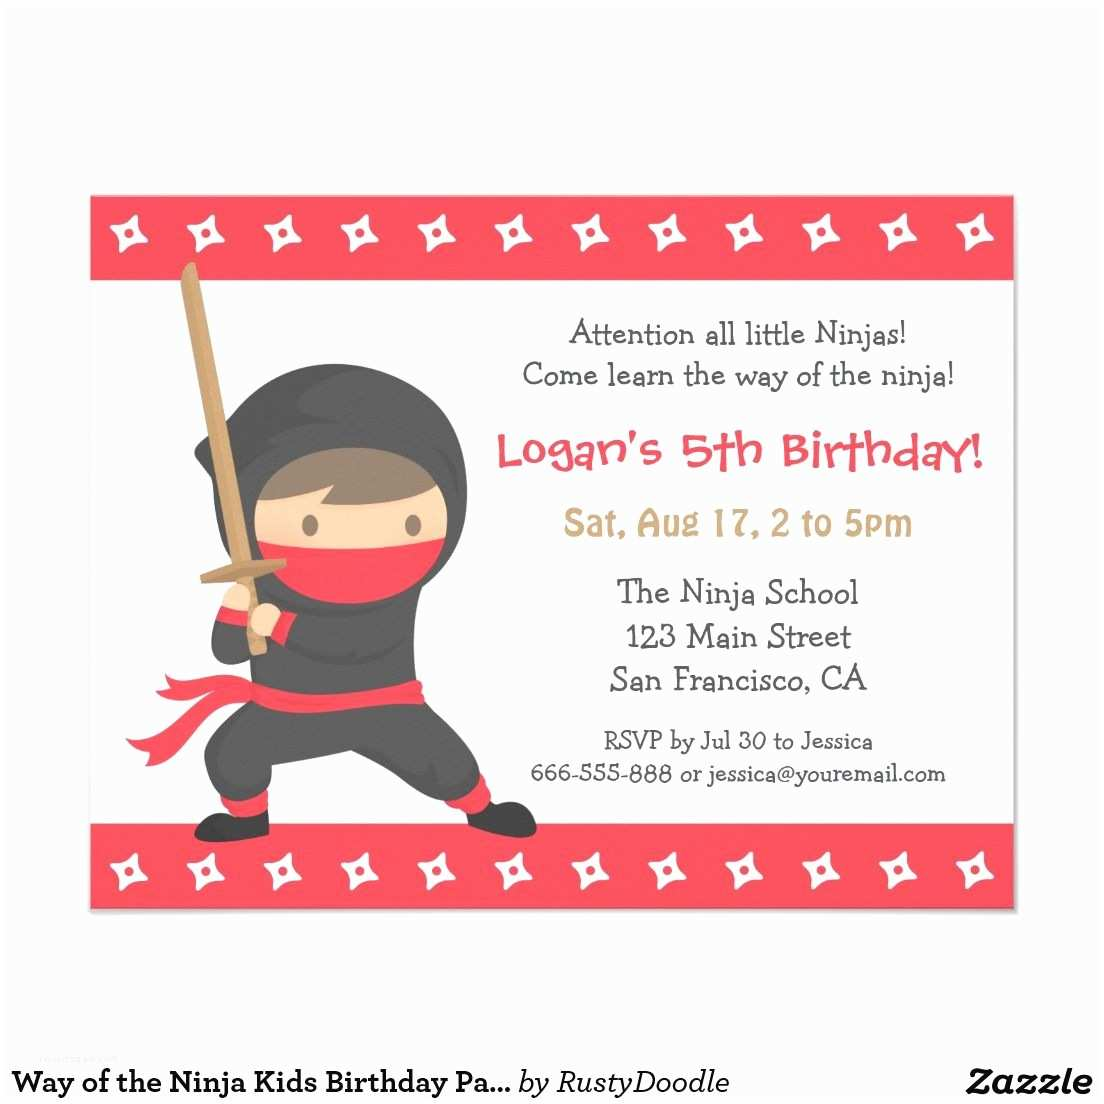 Ninja Party Invitations Way Of the Ninja Kids Birthday Party Invitations